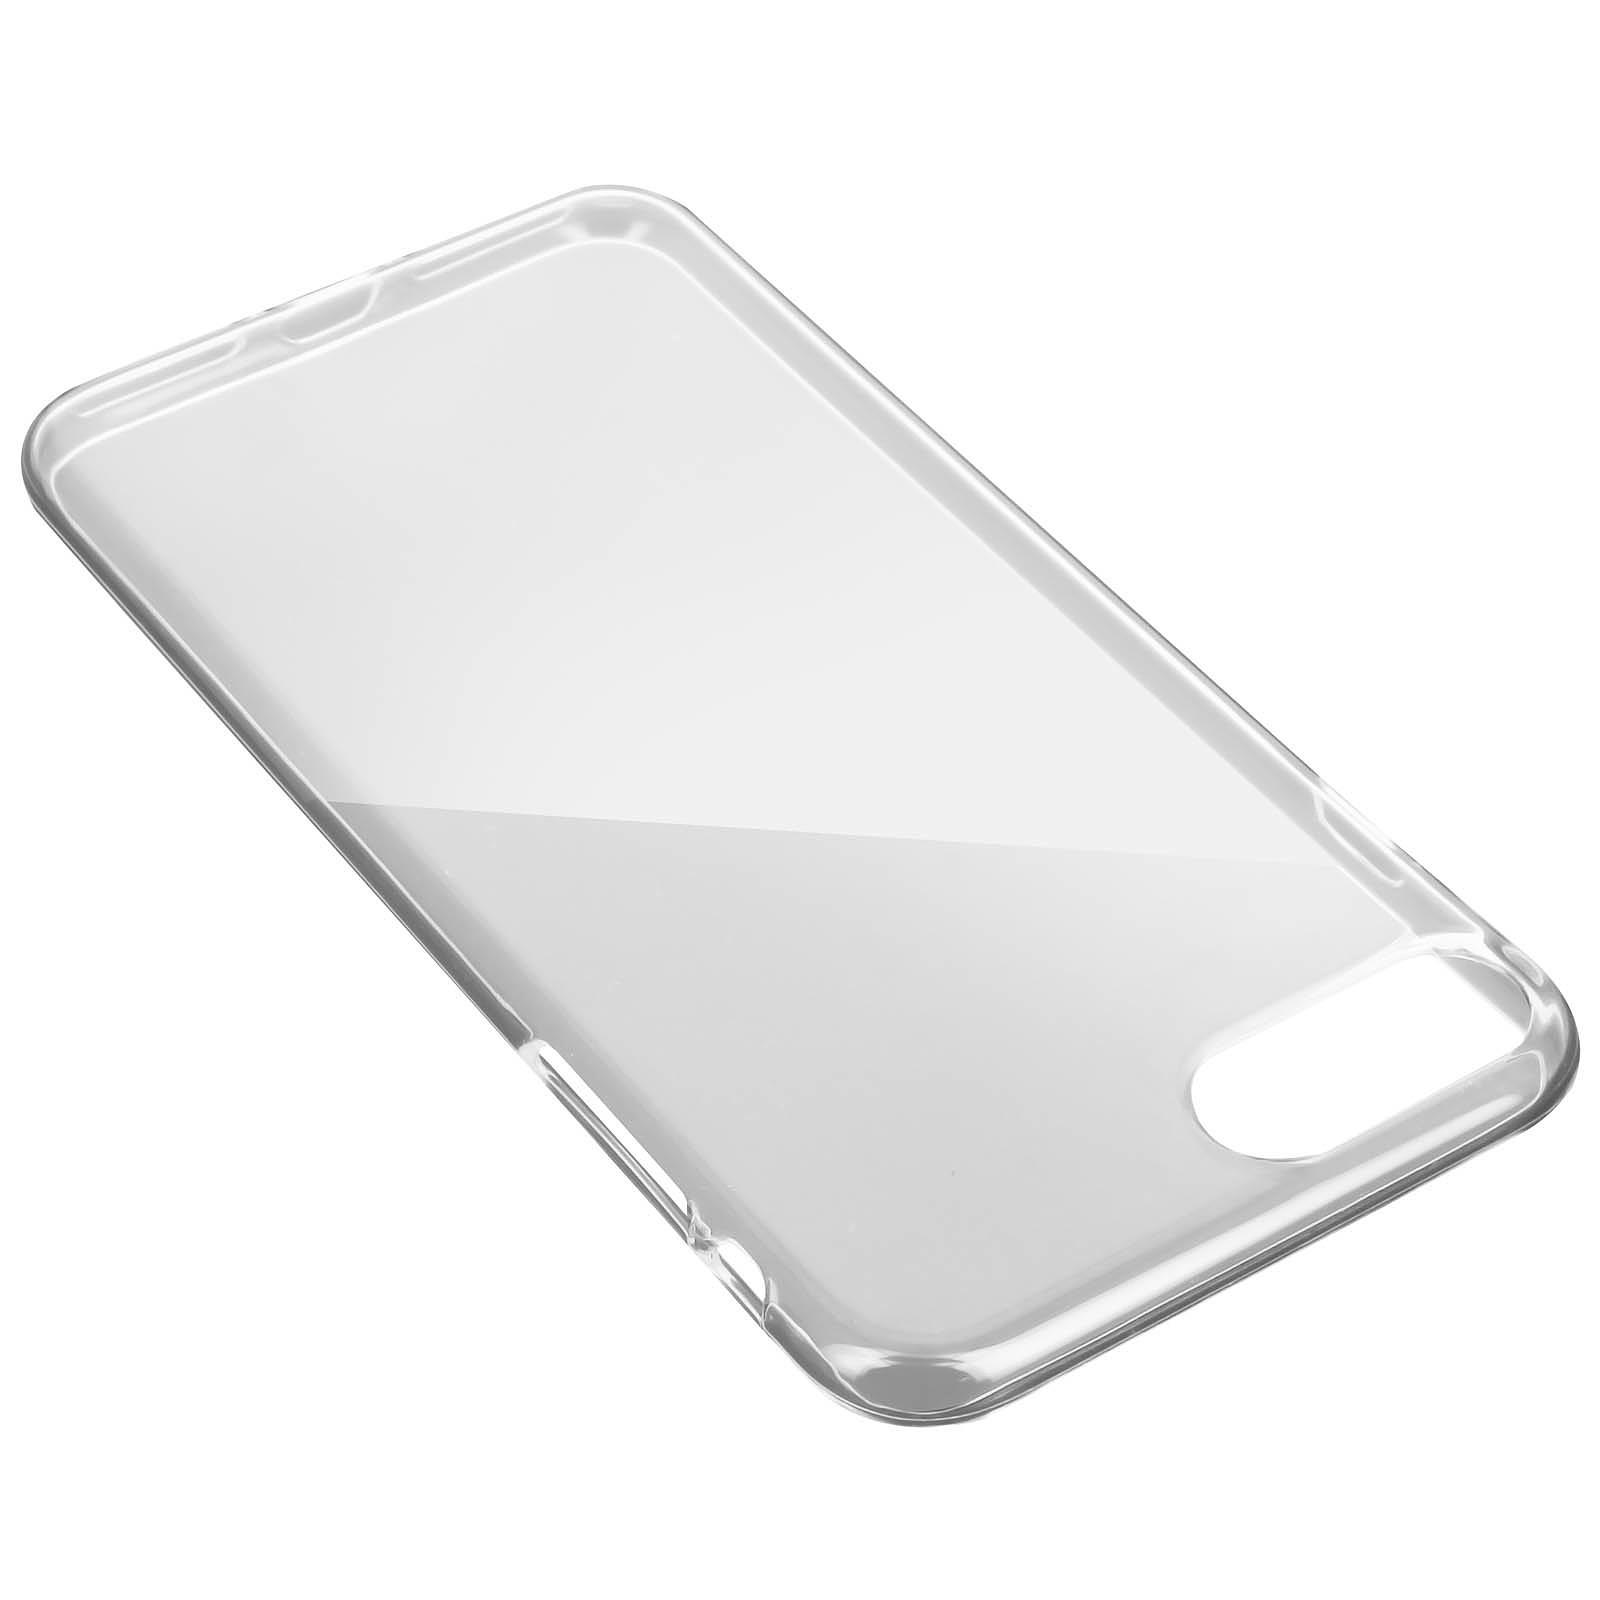 Avizar Coque Transparent pour Apple iPhone 7 Plus , Apple iPhone 8 Plus